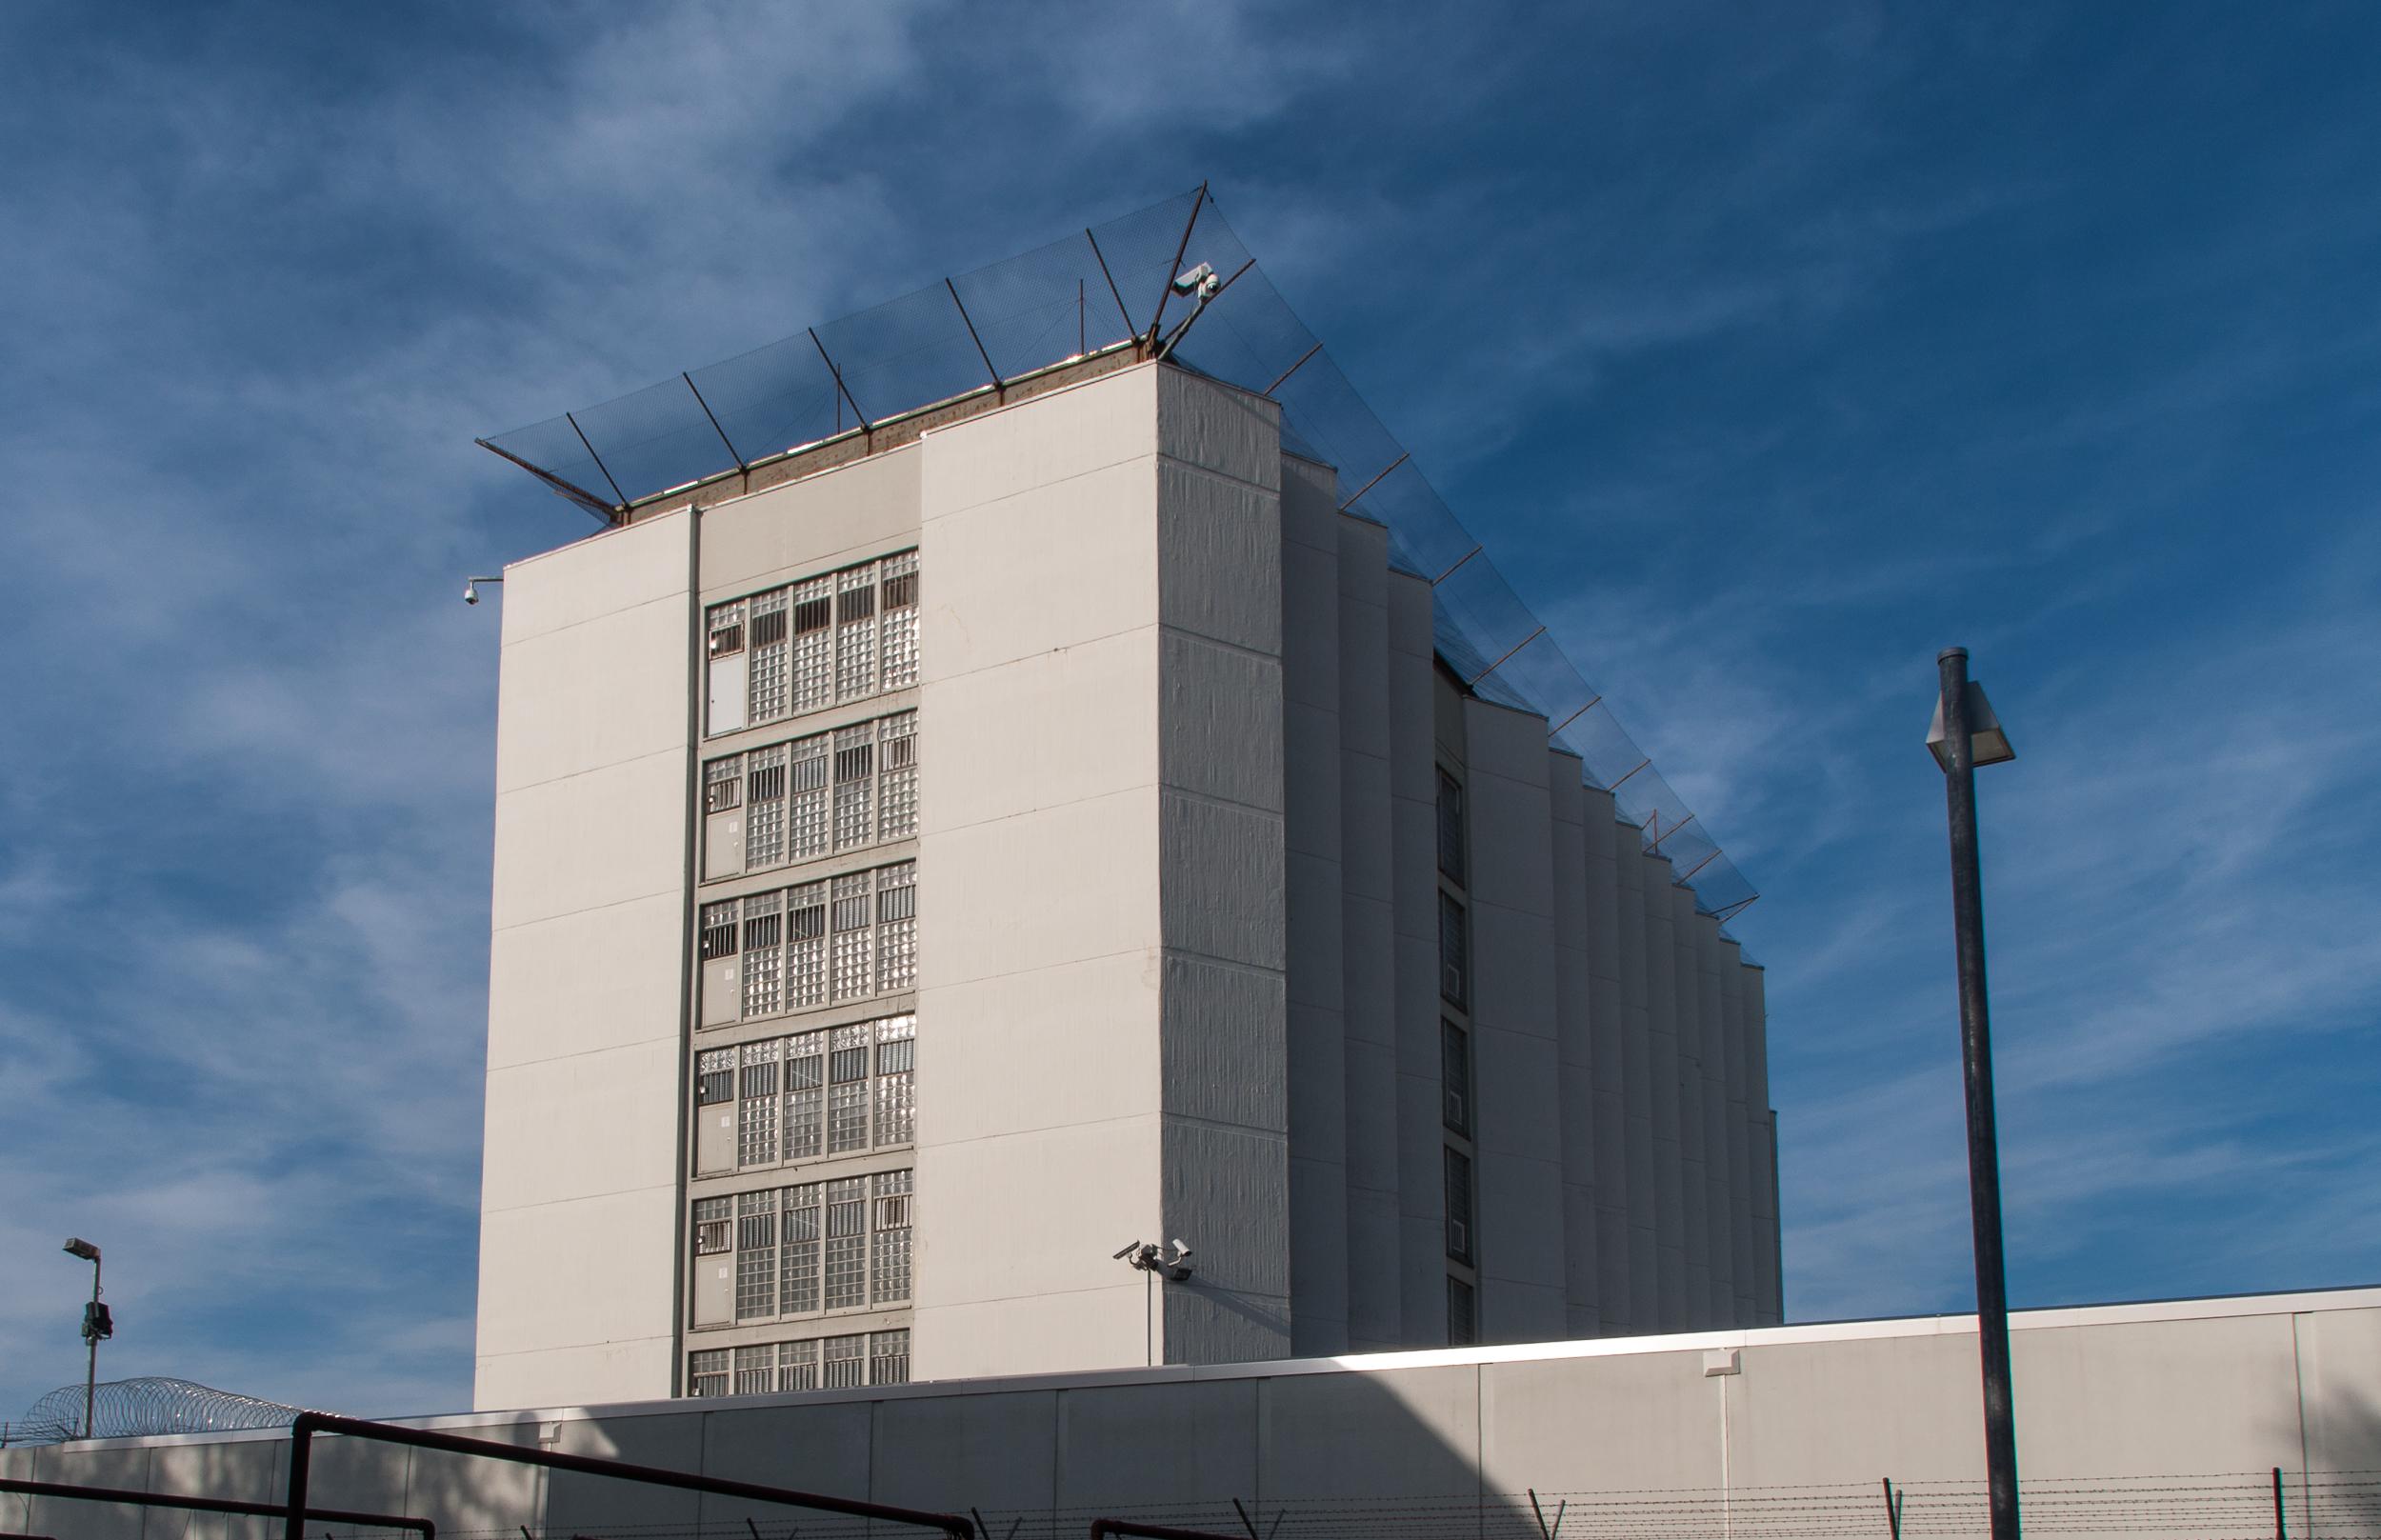 Eine Mauer umgibt das Gefängnisgebäude, um Ausbrüche zu verhindern.